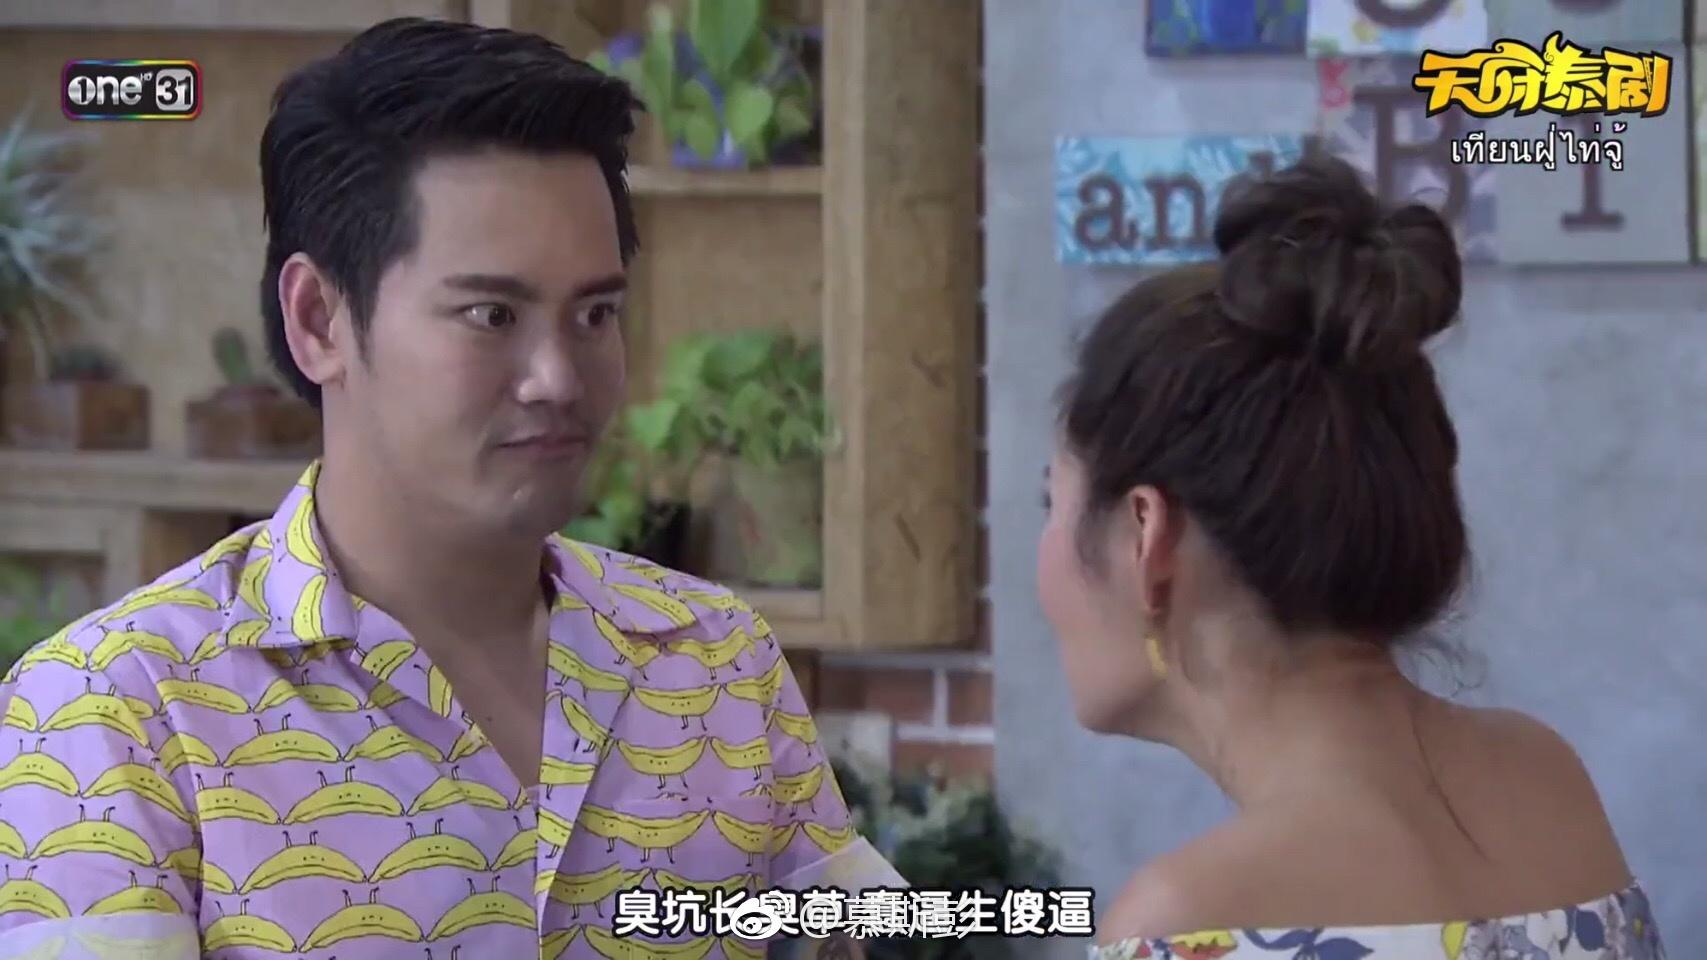 《夏日菊花茶第二季》的剧照12